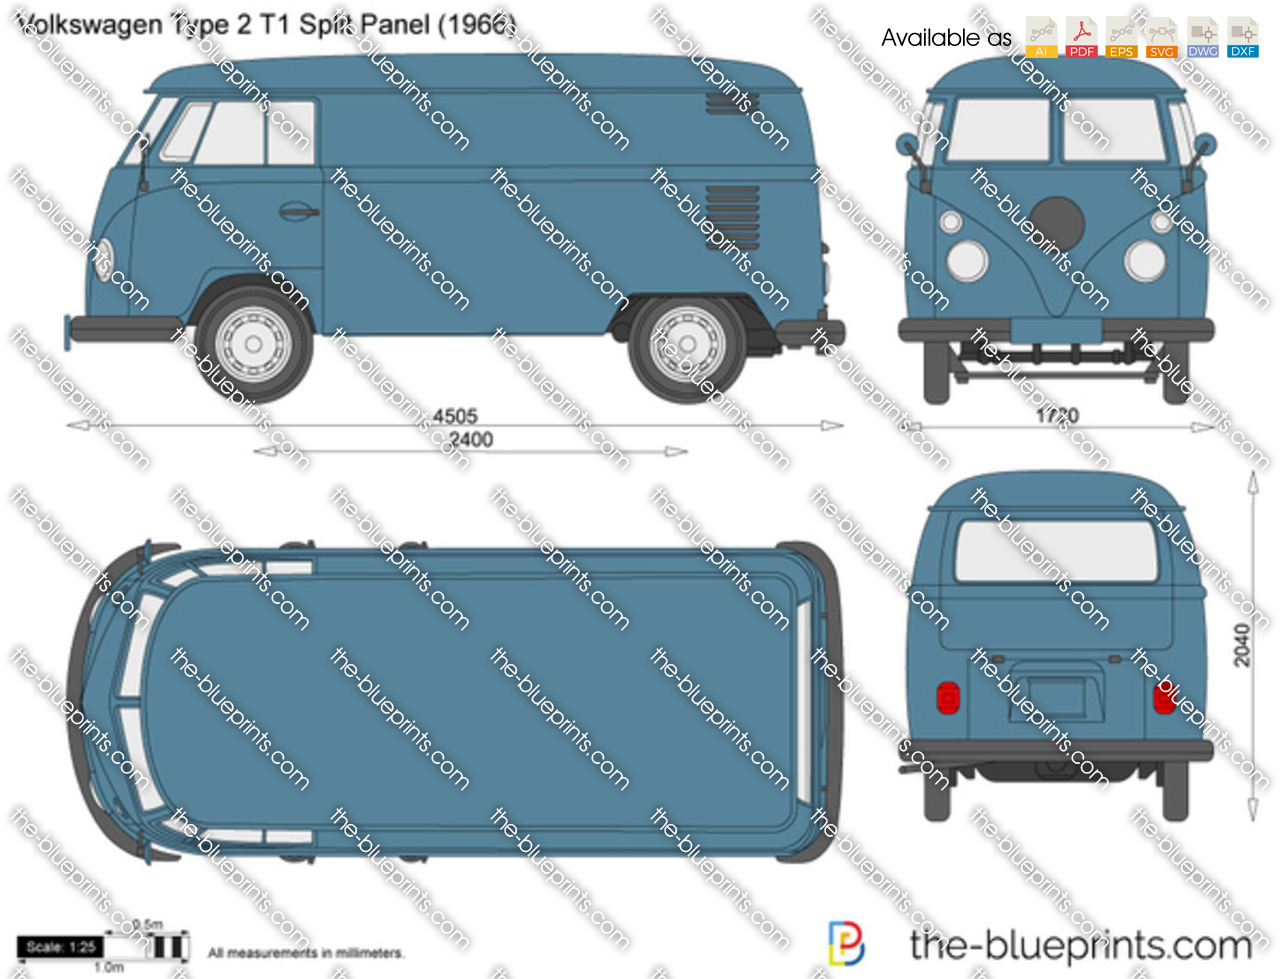 Volkswagen Type 2 T1 Split Panel